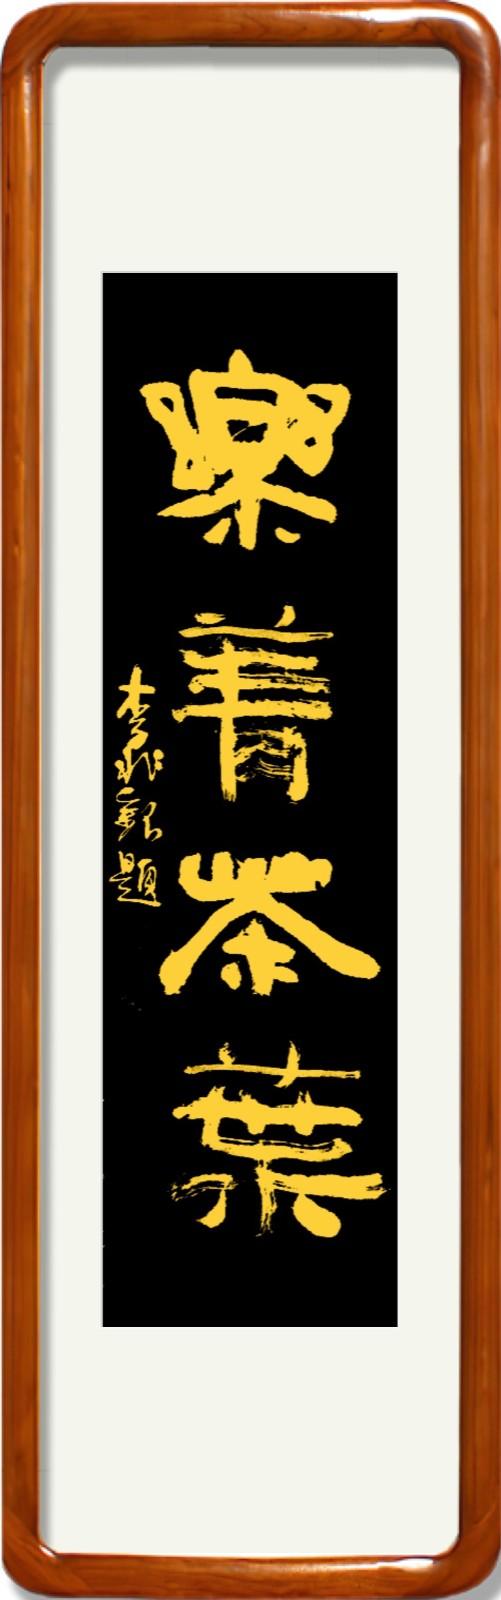 【室内装饰文化】旅美书法家李兆银书画作品之四十四_图1-10